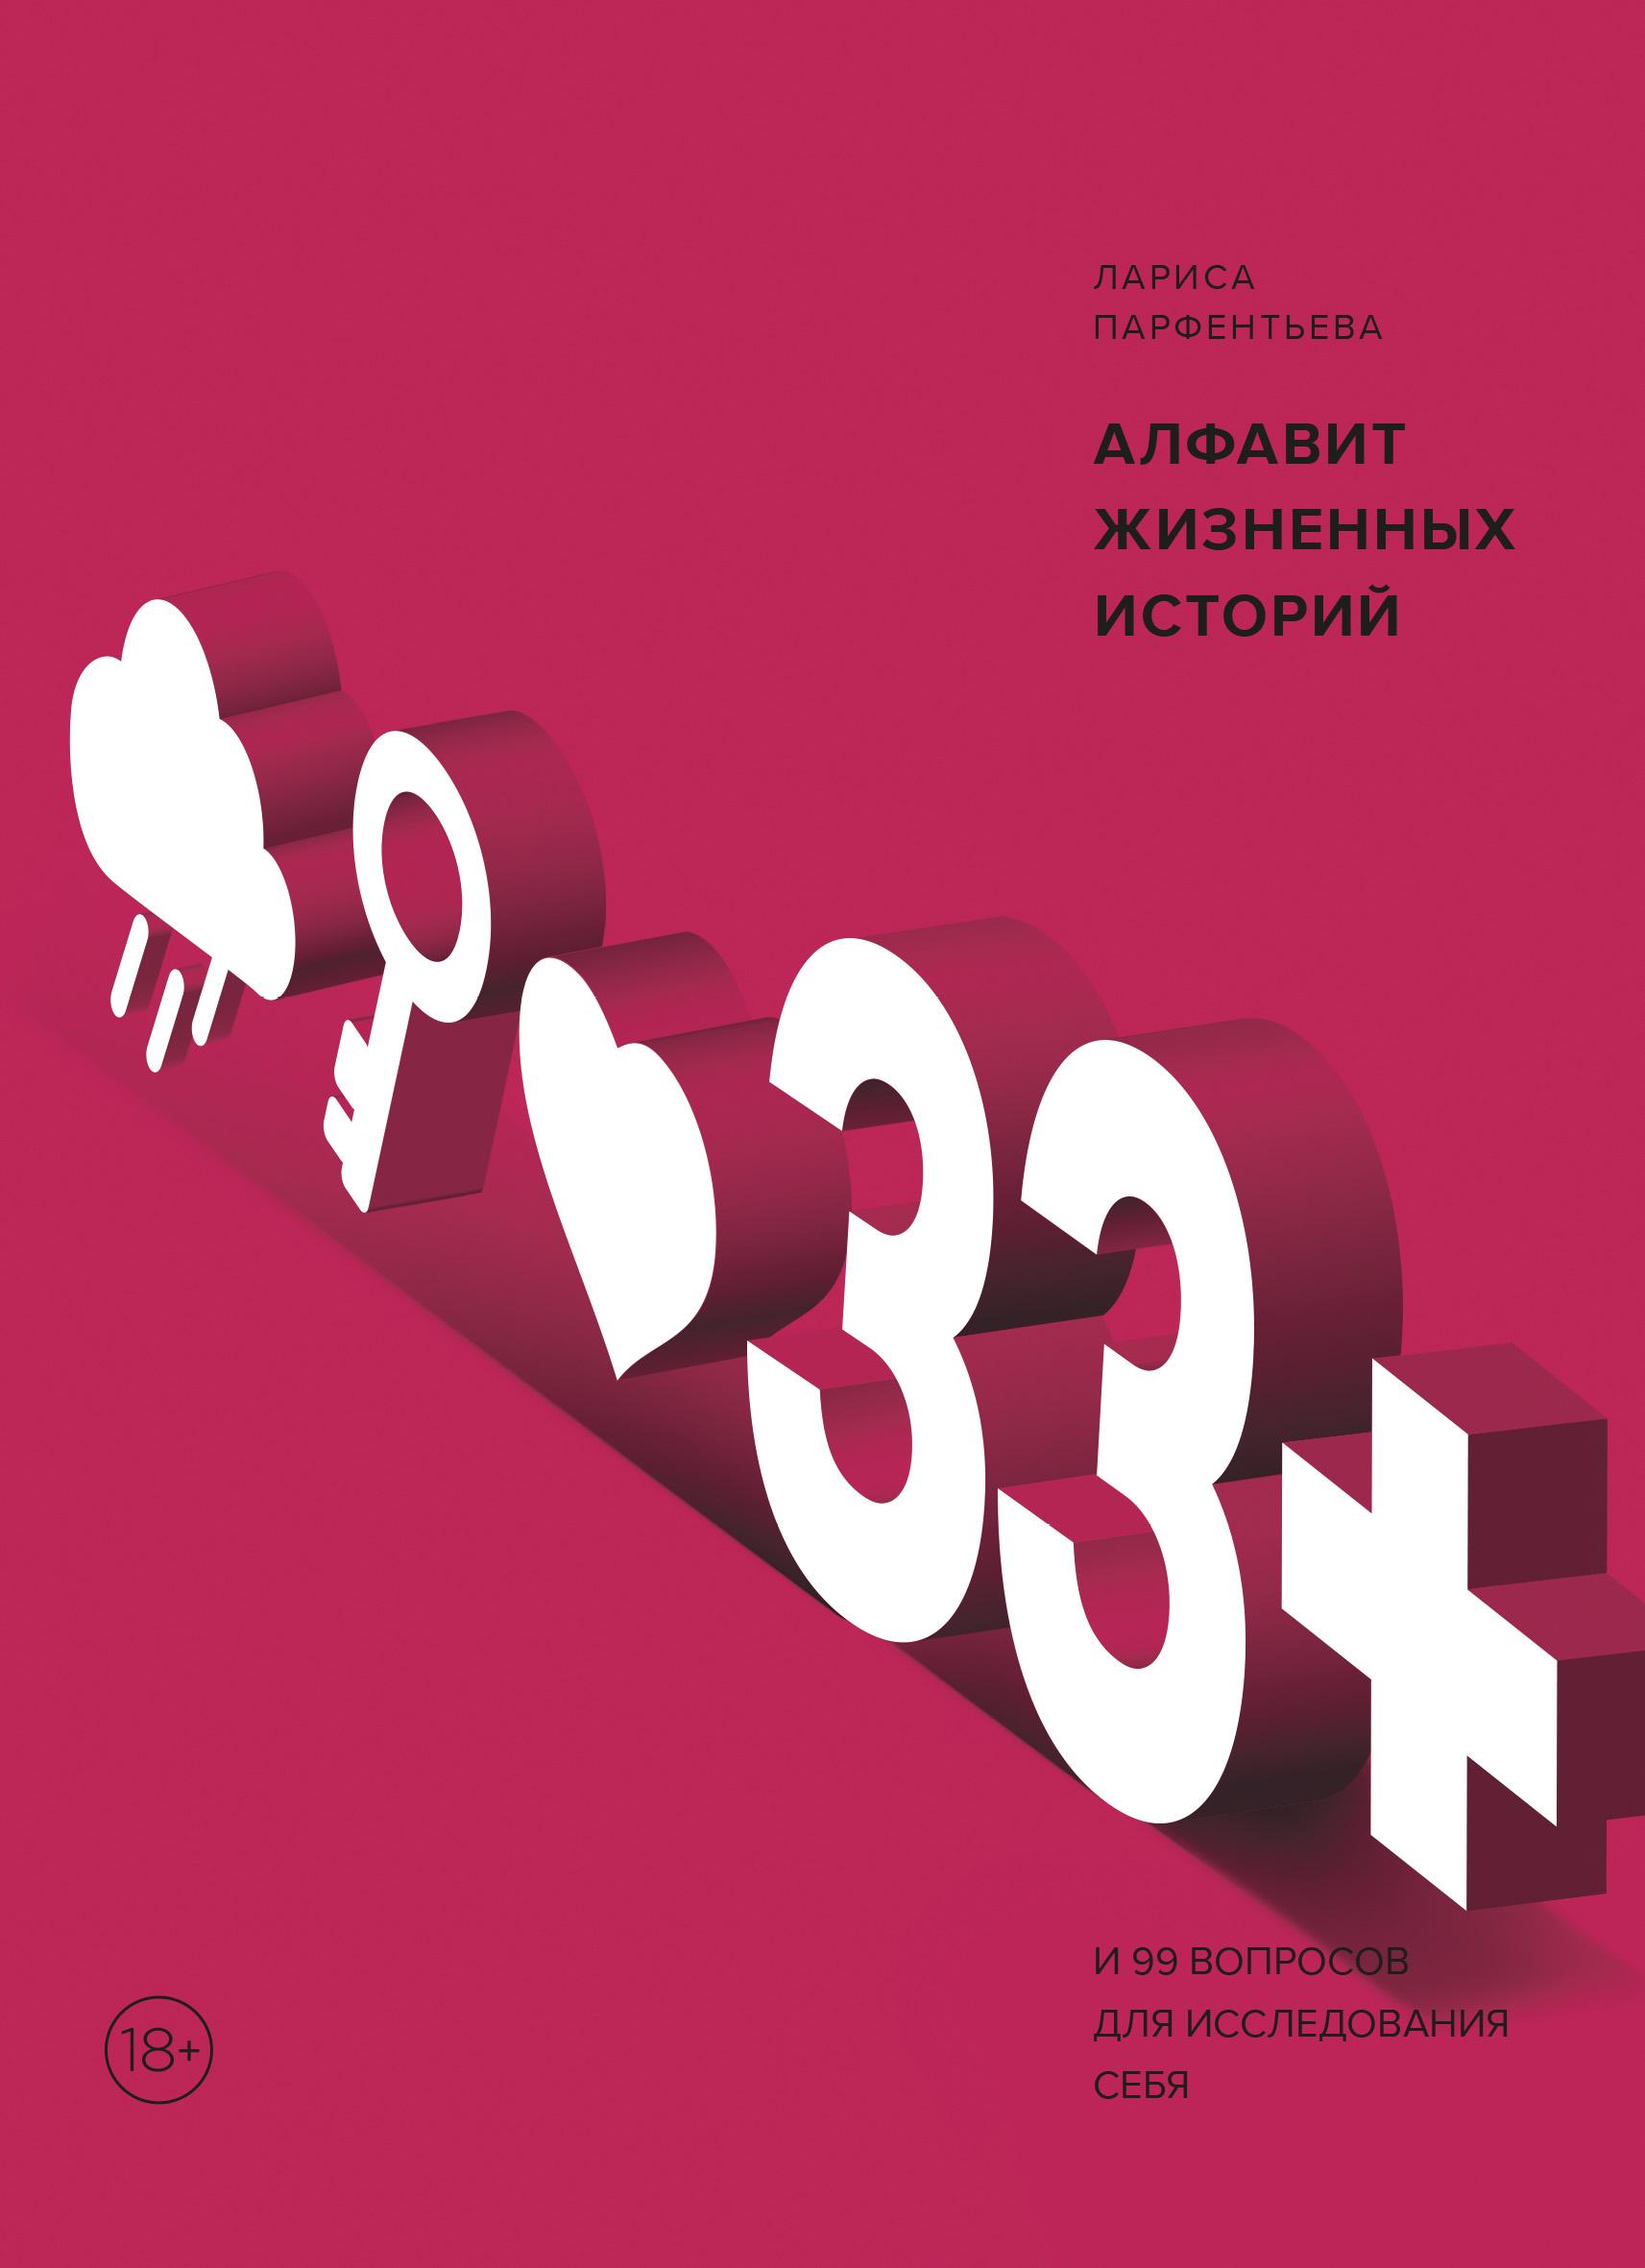 33+. Alfavit zhiznennykh istorij